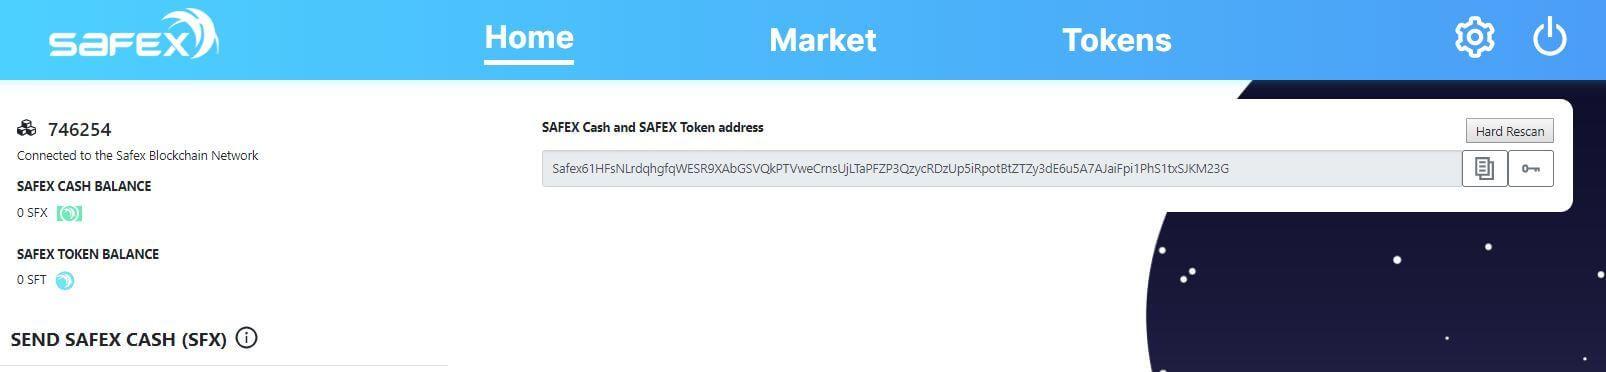 Safex Public Key